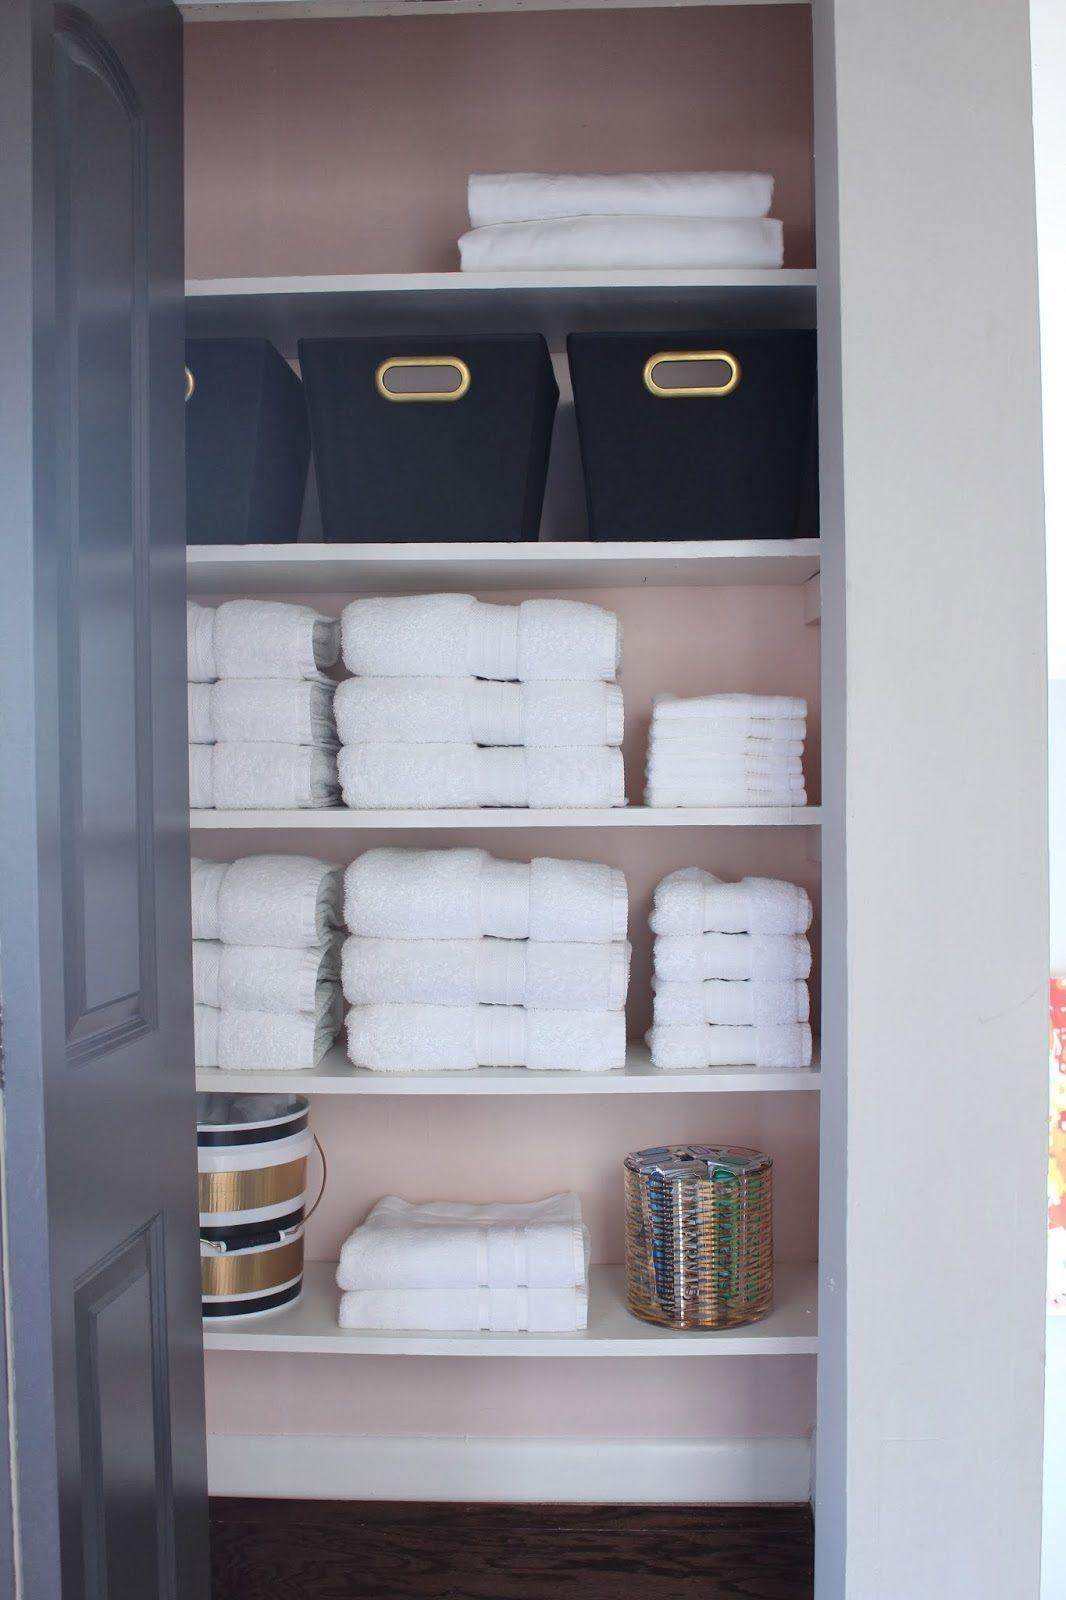 Blush Closet - Confetti and Stripes